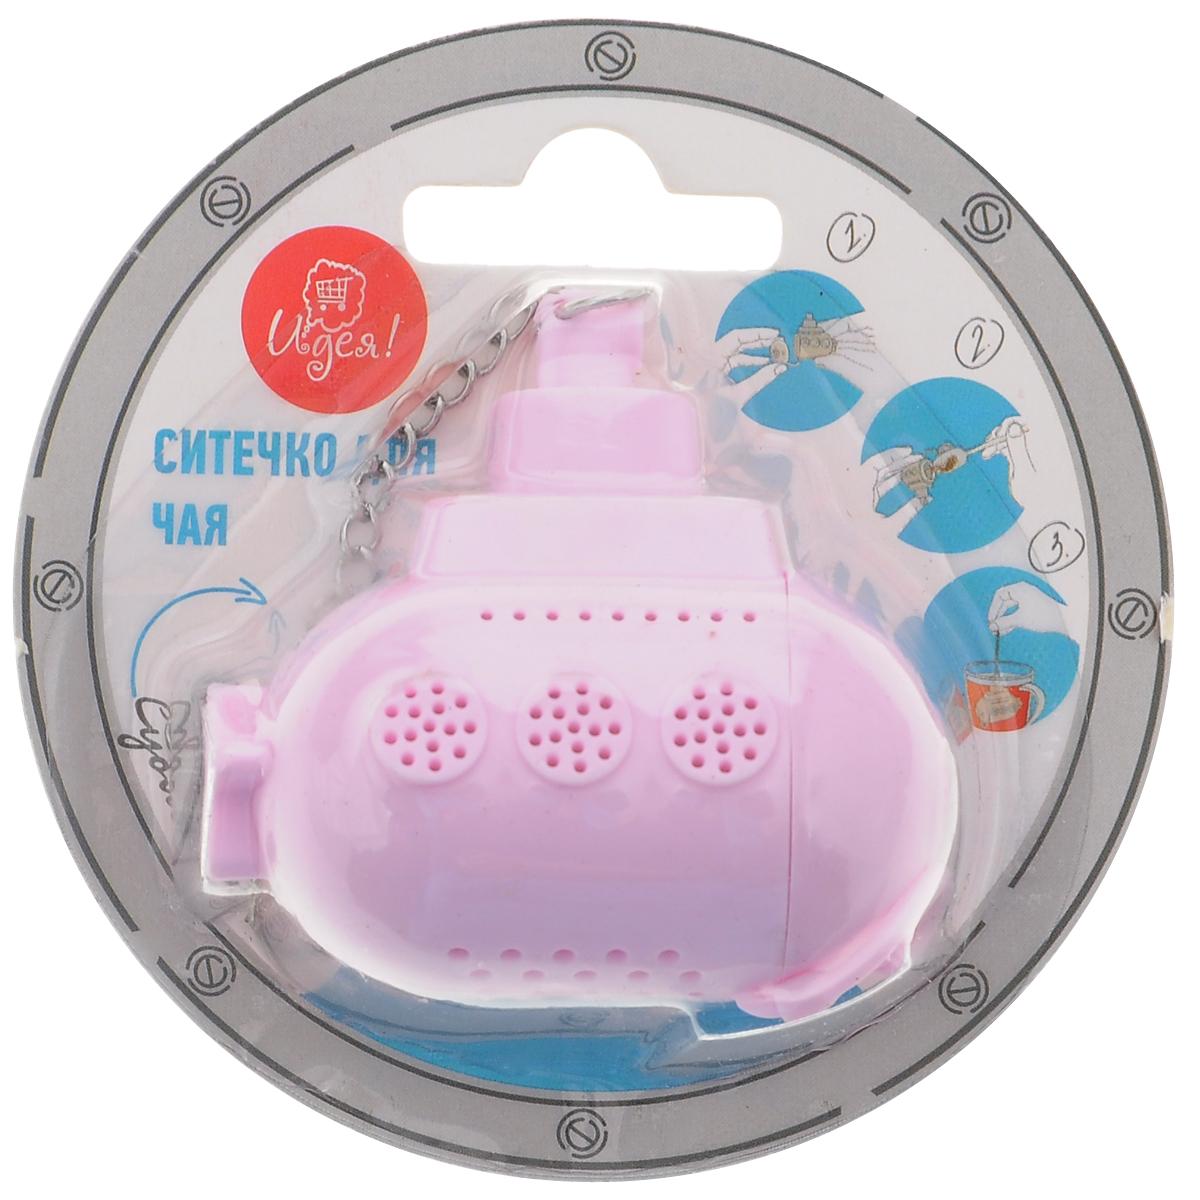 Ситечко для чая Идея Субмарина, цвет: розовыйSBM-01_розовыйСитечко Идея Субмарина прекрасно подходит для заваривания любого вида чая. Изделие выполнено из пищевого силикона в виде подводной лодки. Ситечком очень легко пользоваться. Просто насыпьте заварку внутрь и погрузите субмарину на дно кружки. Изделие снабжено металлической цепочкой с крючком на конце. Забавная и приятная вещица для вашего домашнего чаепития. Не рекомендуется мыть в посудомоечной машине. Размер фигурки: 6 см х 5,5 см х 3 см.